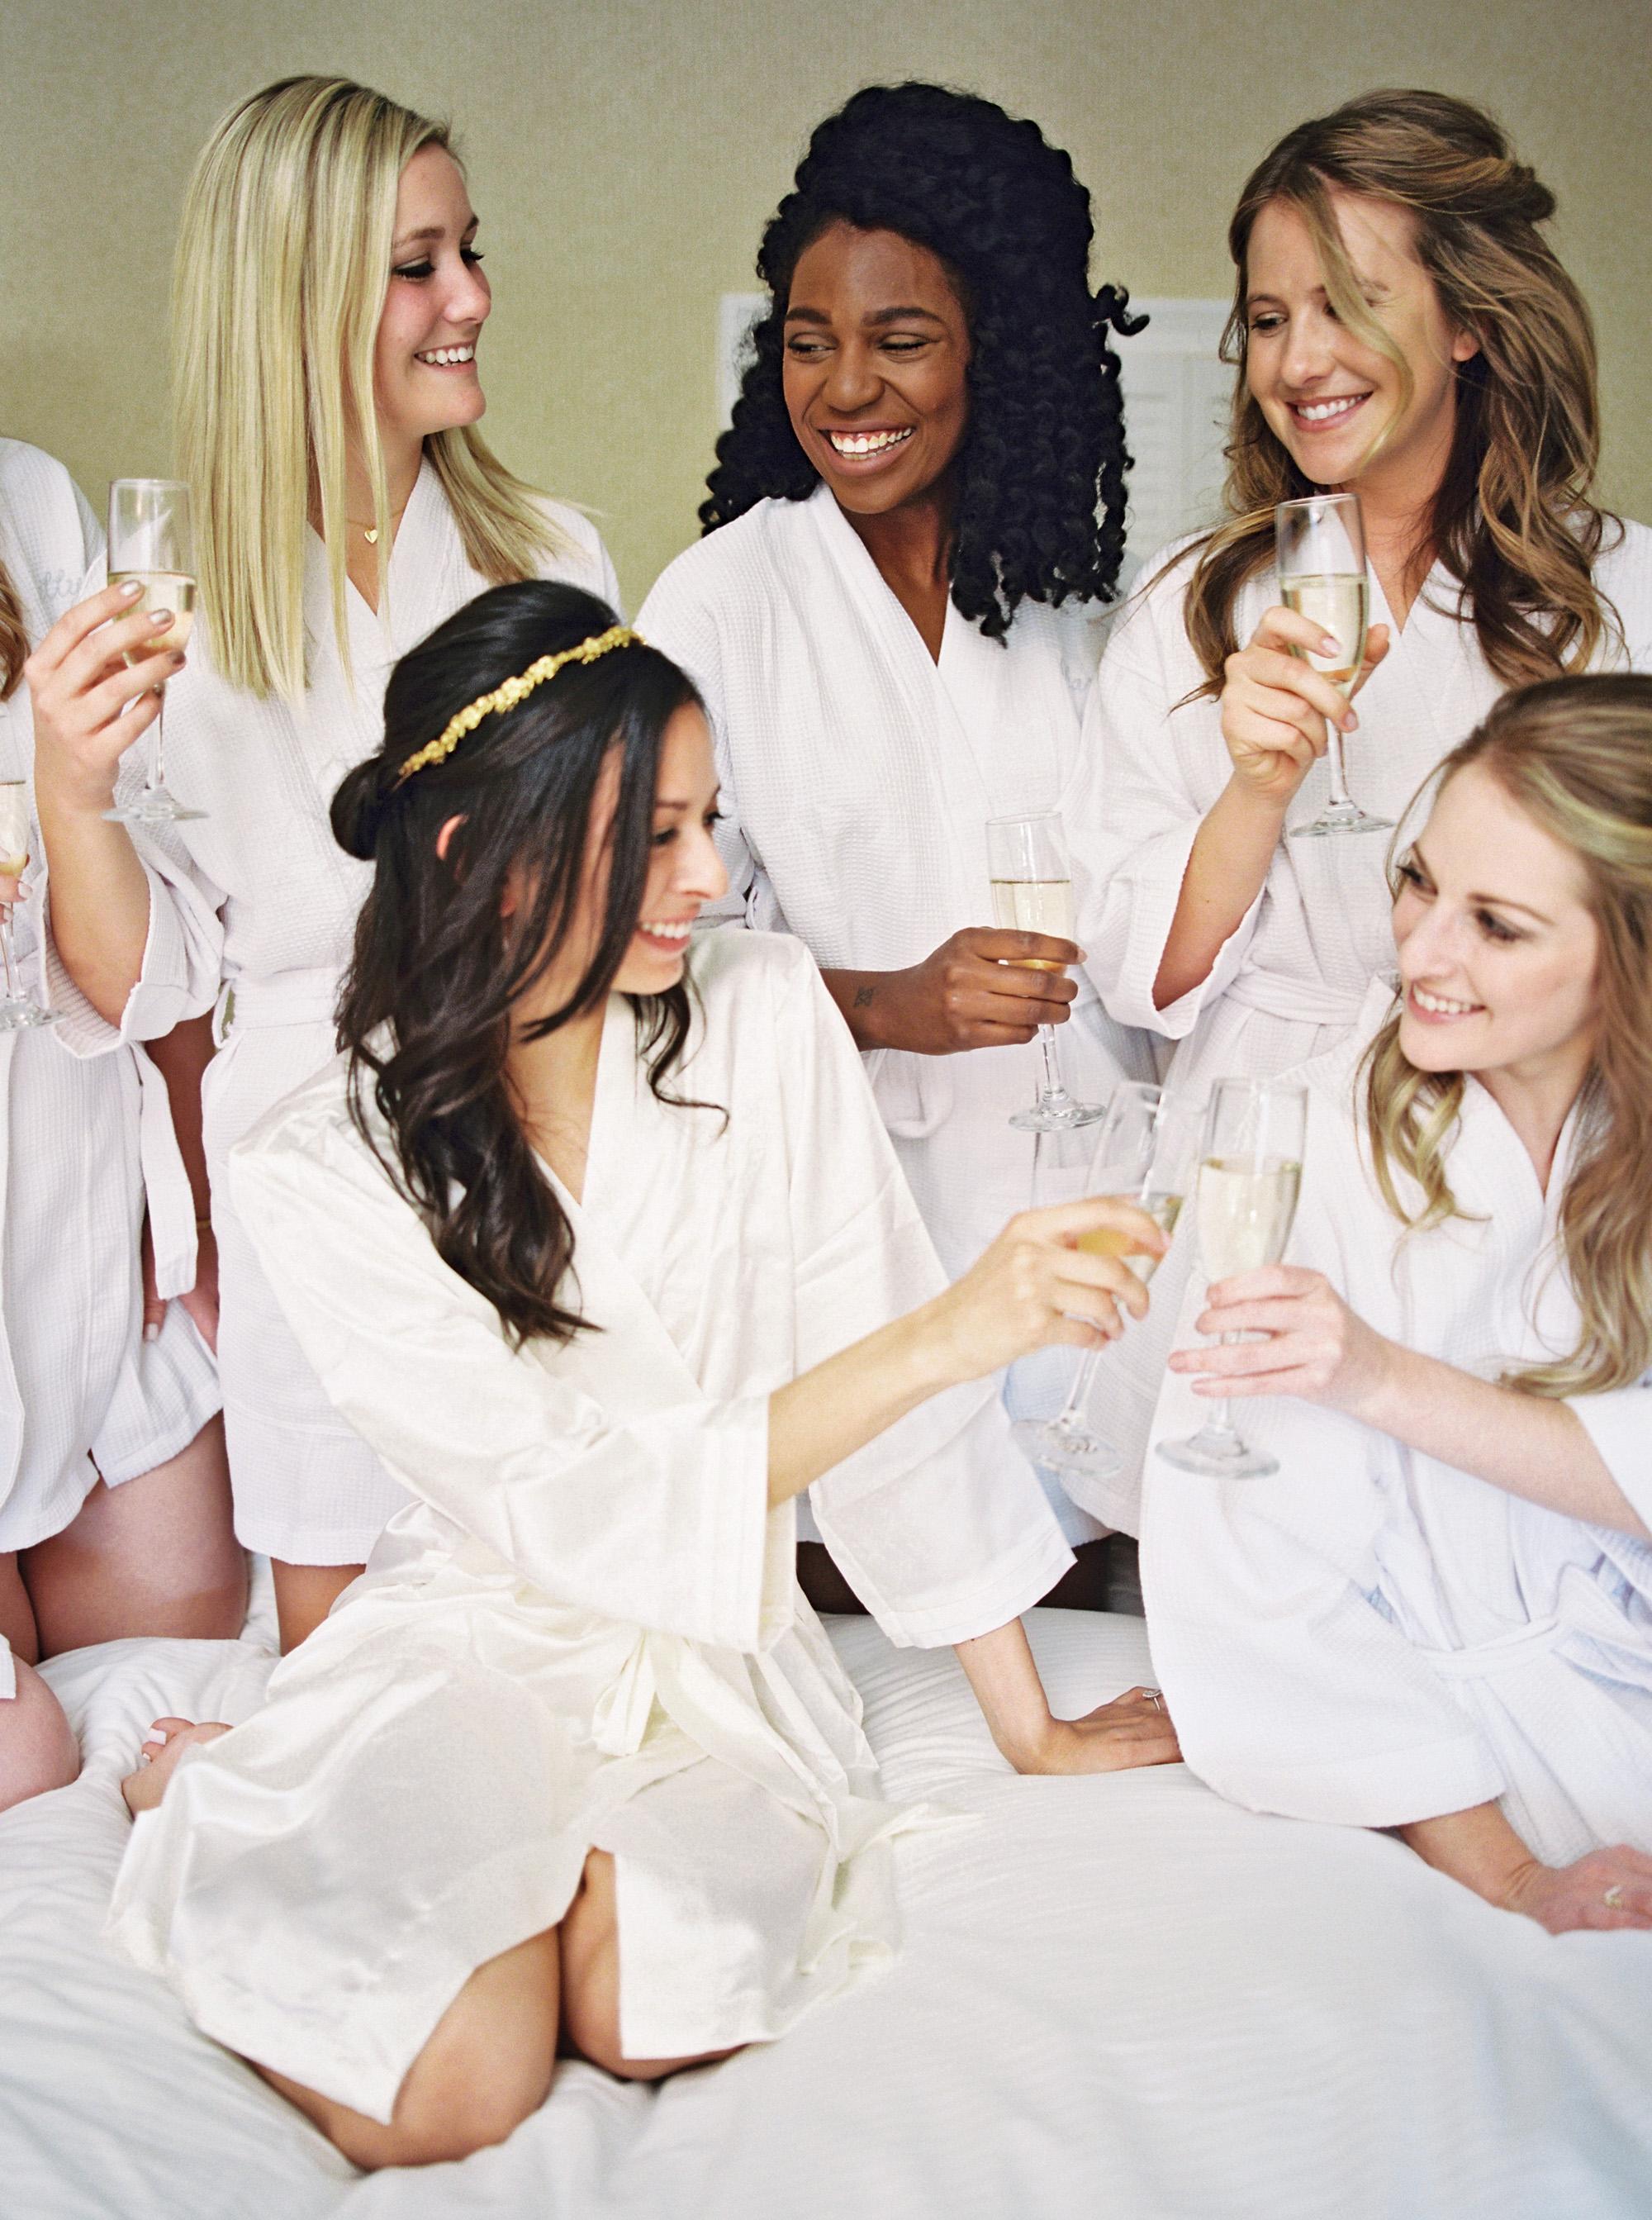 bridesmaids at spa drinking champagne